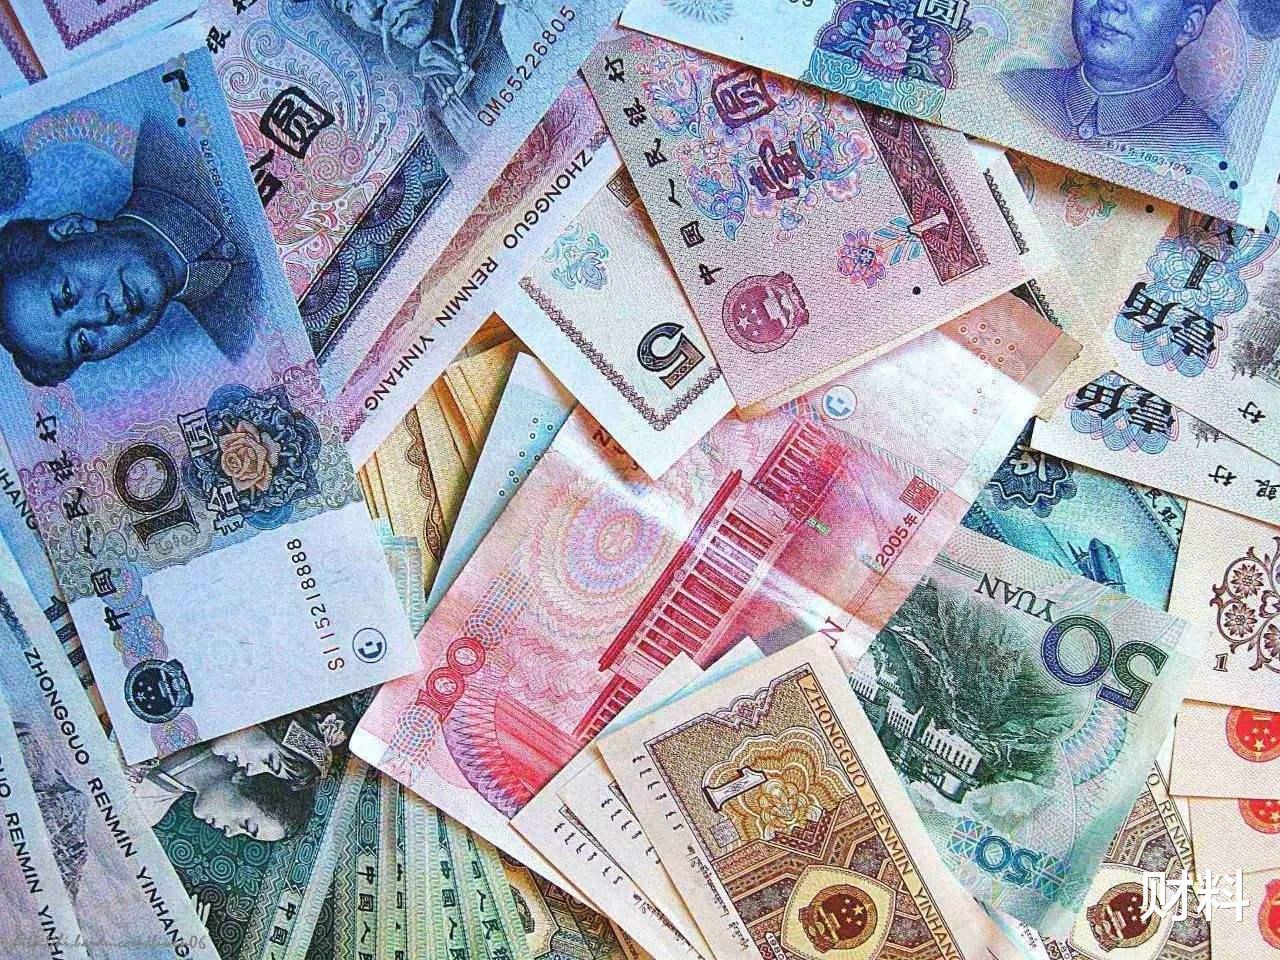 人民幣為何止步100元面額,不能發行千元面額嗎?有三個原因-圖3